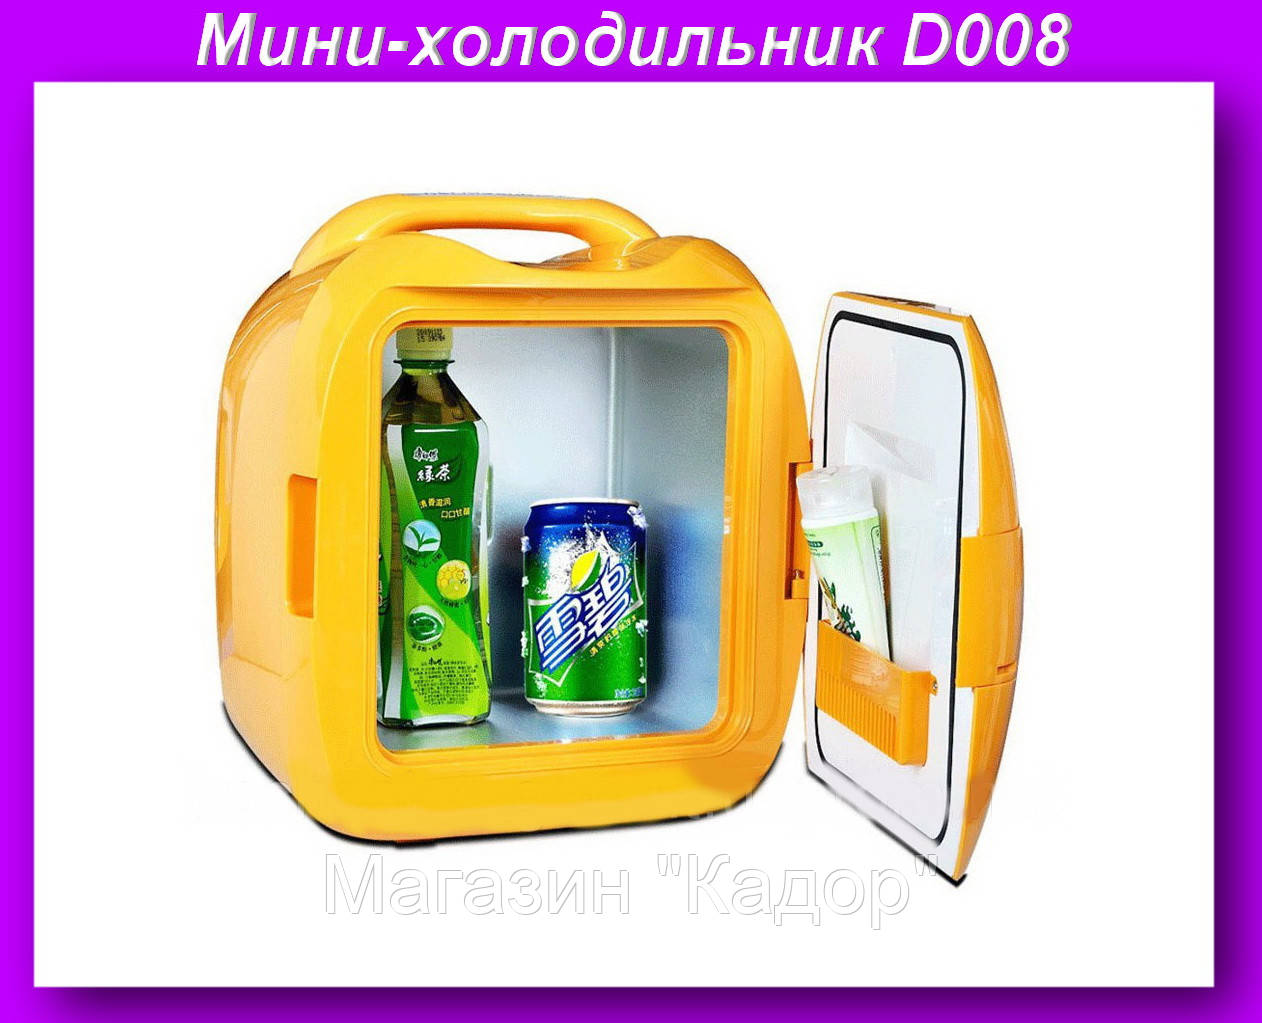 """Мини-холодильник Cong Bao D008,Переносной миниатюрный автомобильный холодильник - Магазин """"Кадор"""" в Одессе"""